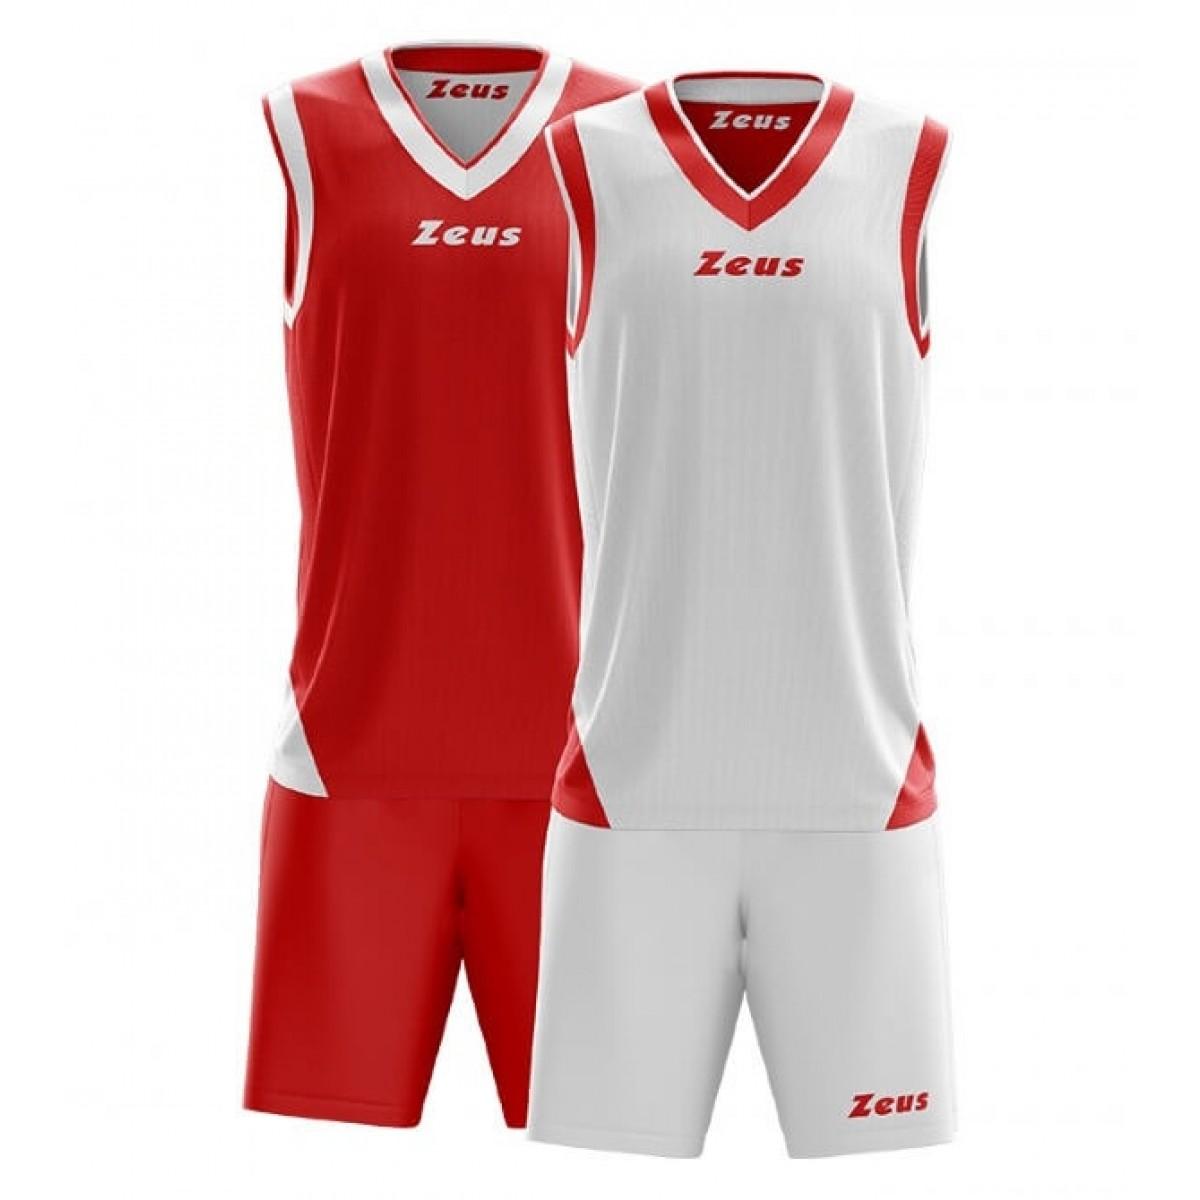 Zeus Kit Doblo rød hvid